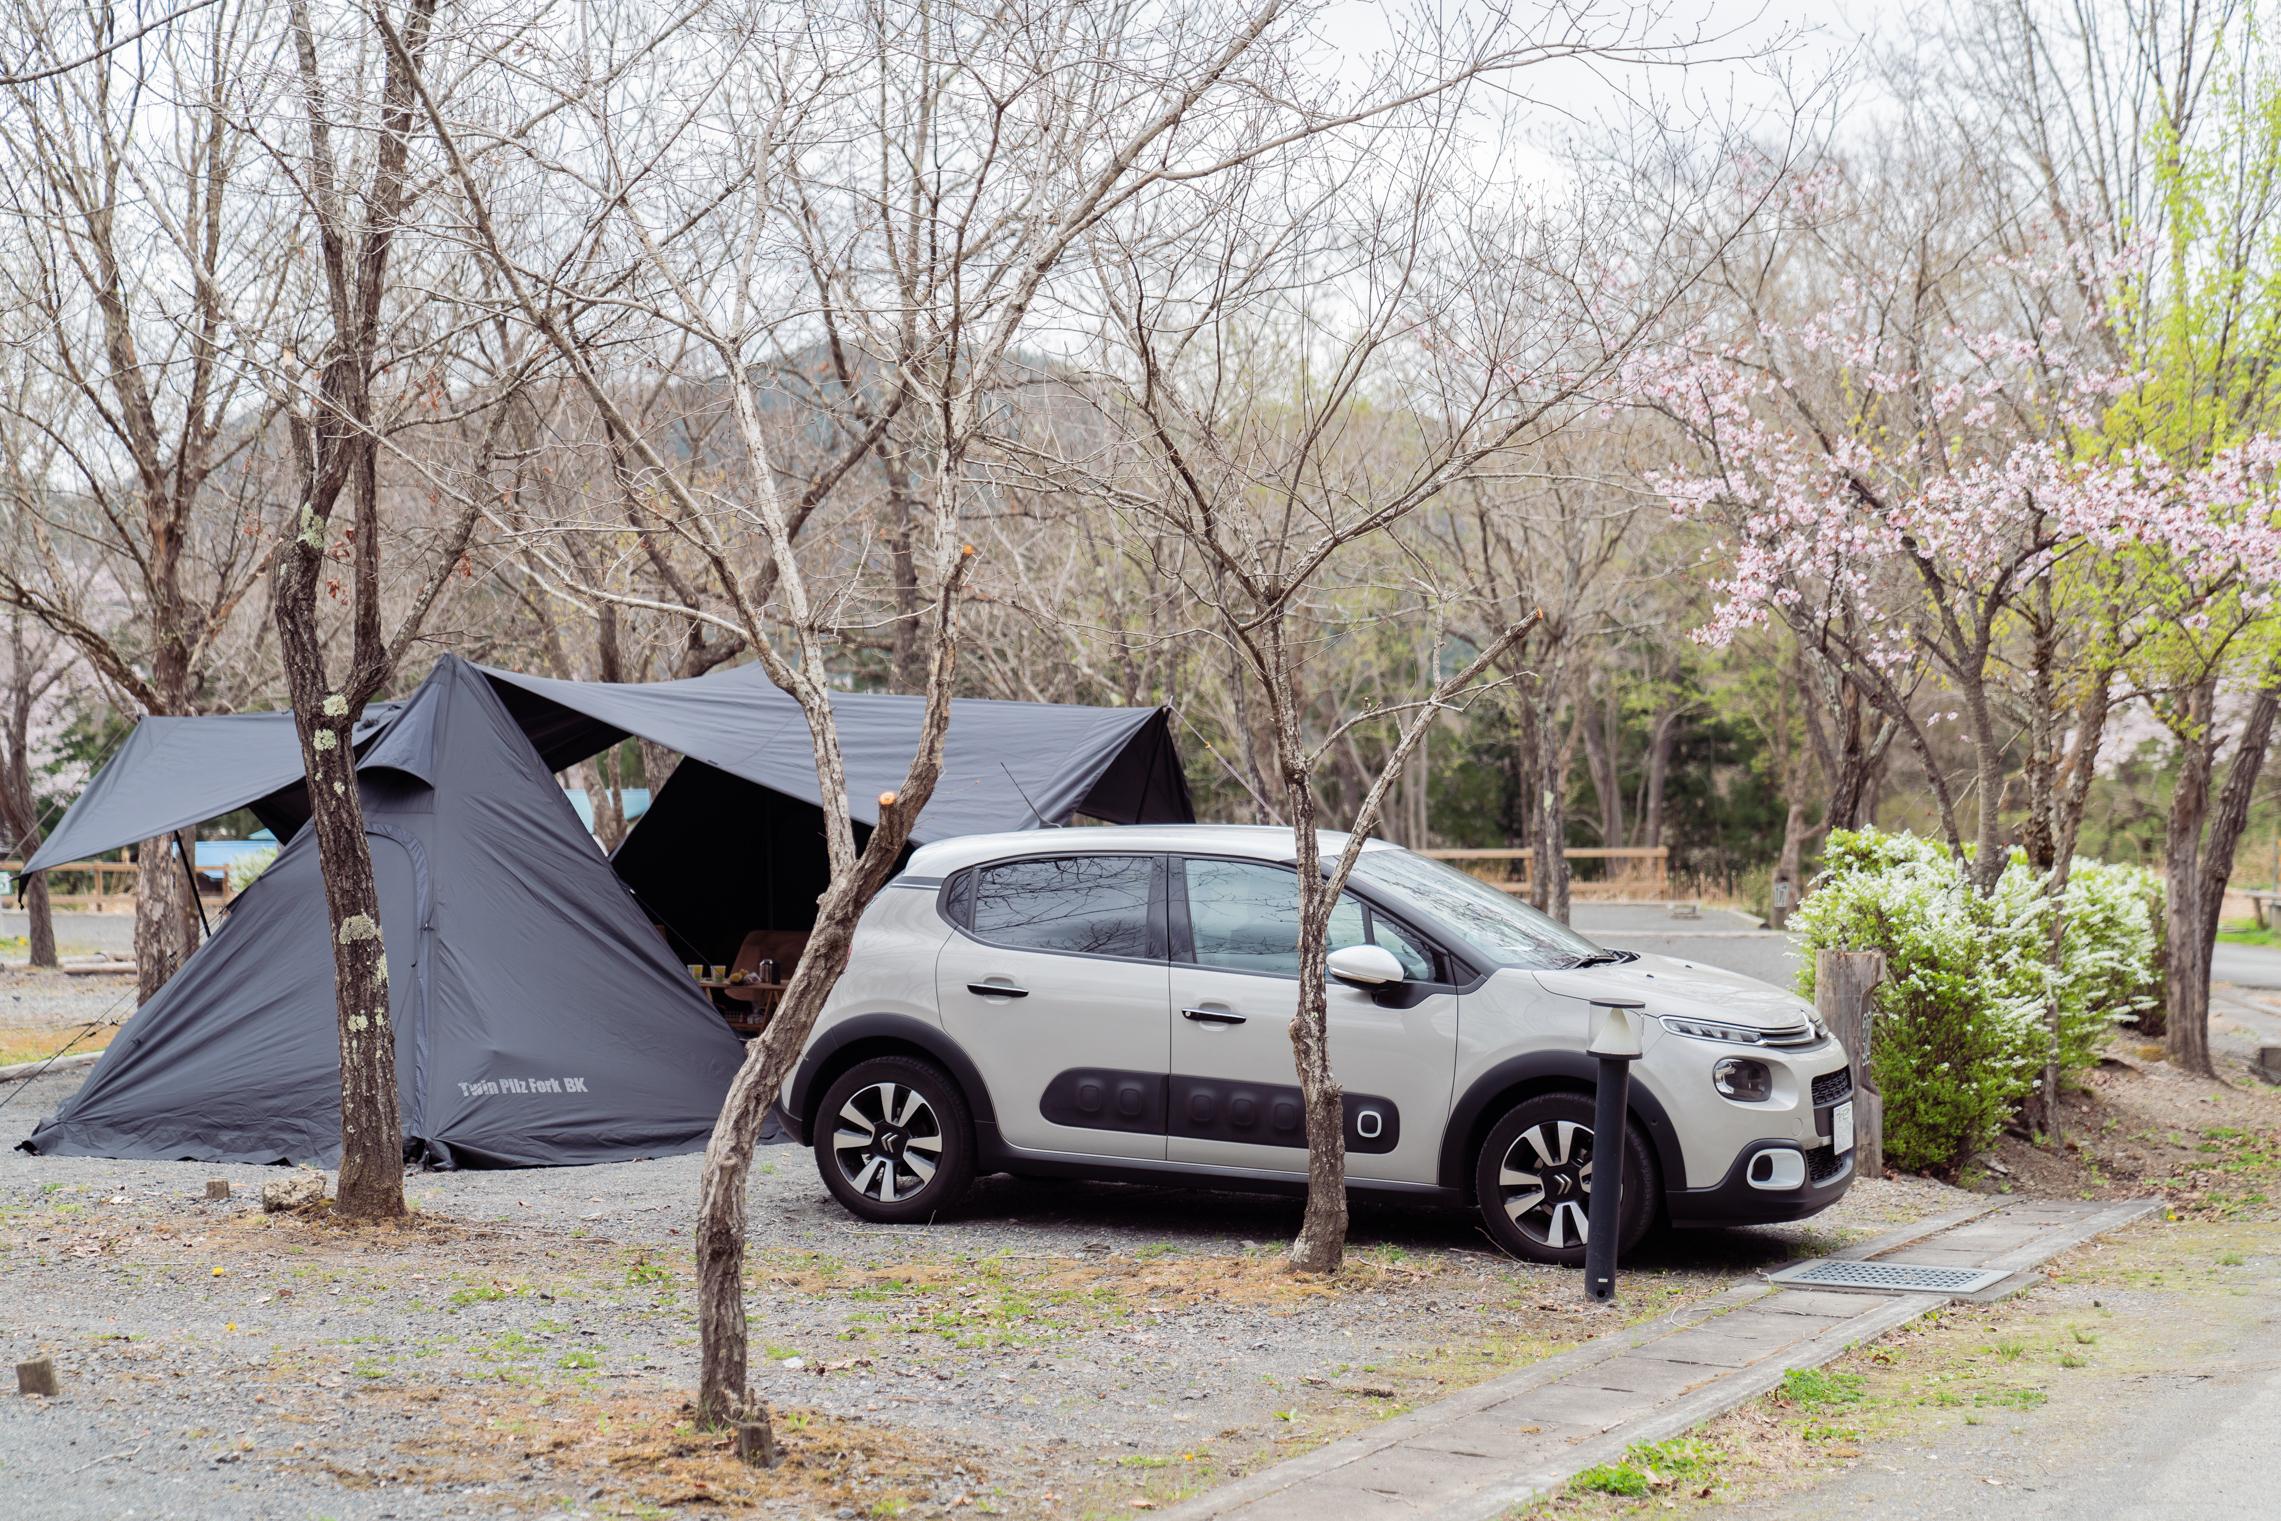 2021.04.02 山逢いの里キャンプ場 デイキャンプ-18.jpg